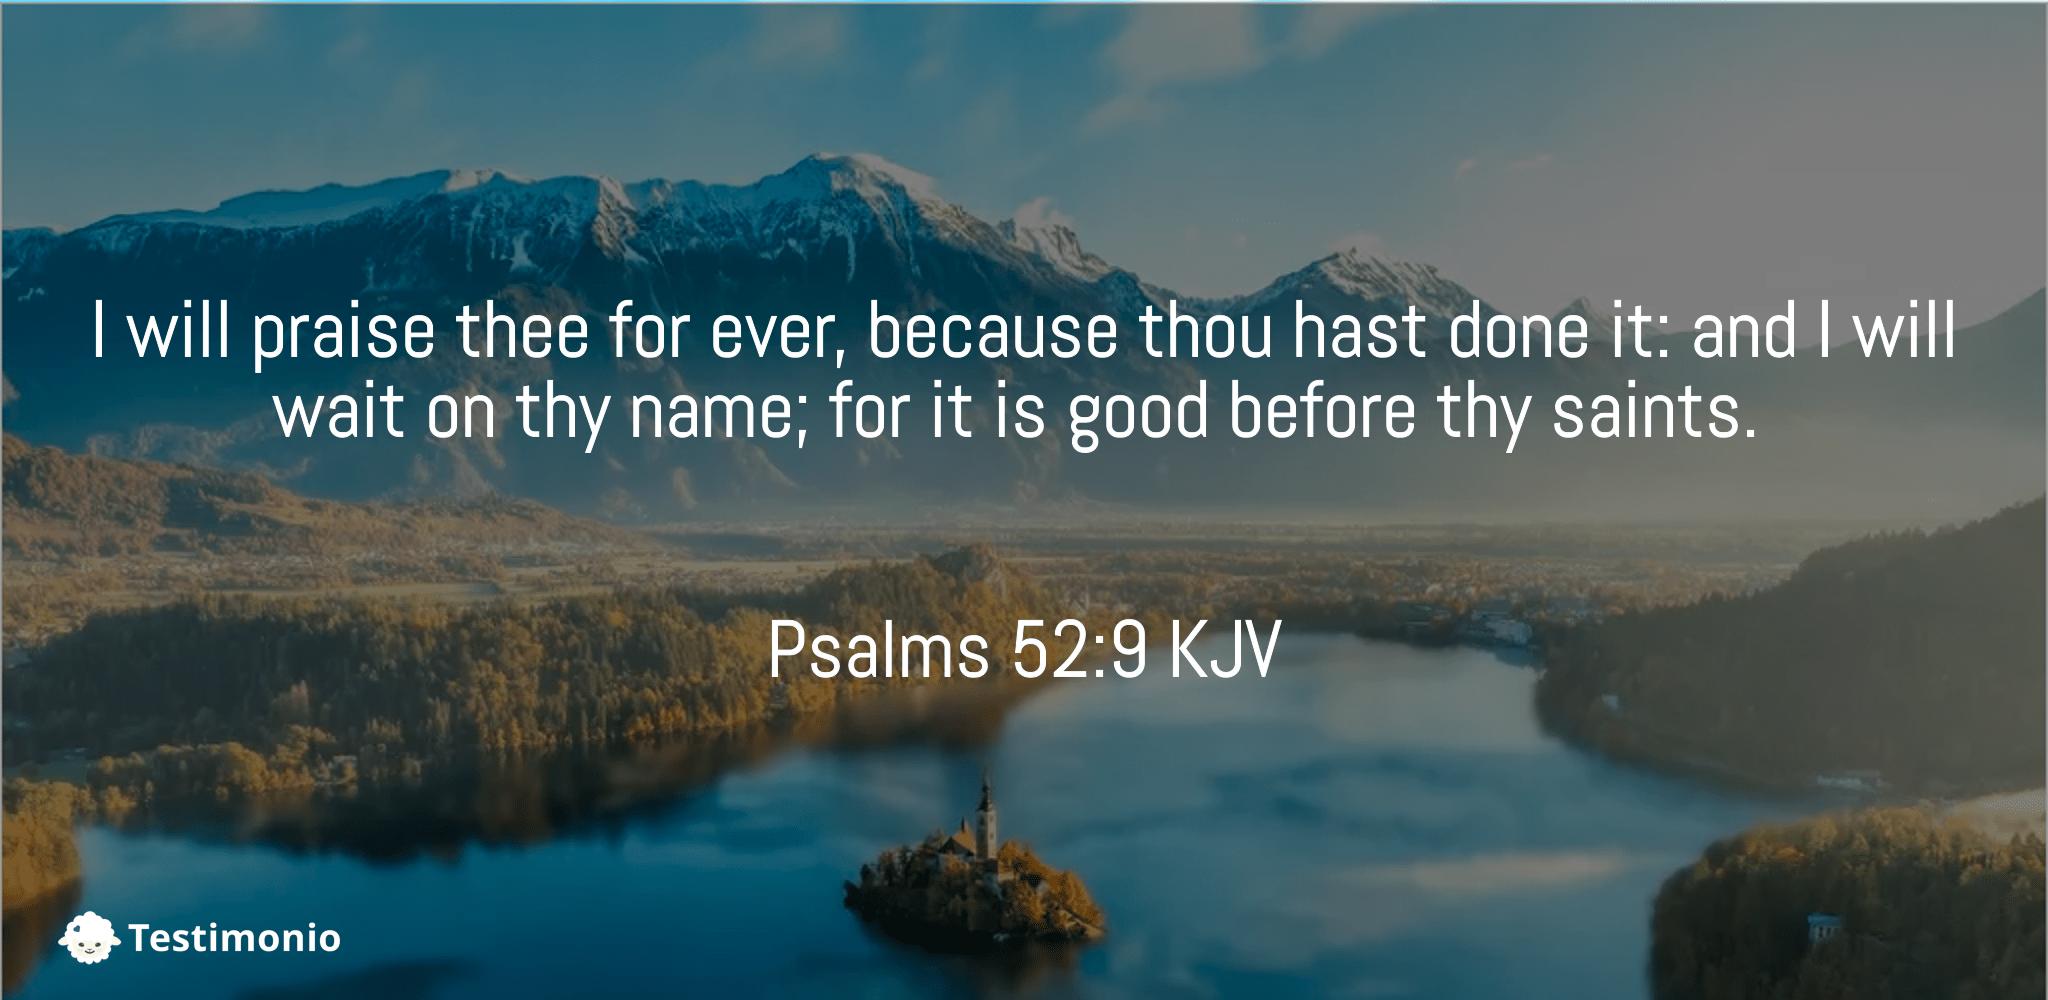 Psalms 52:9